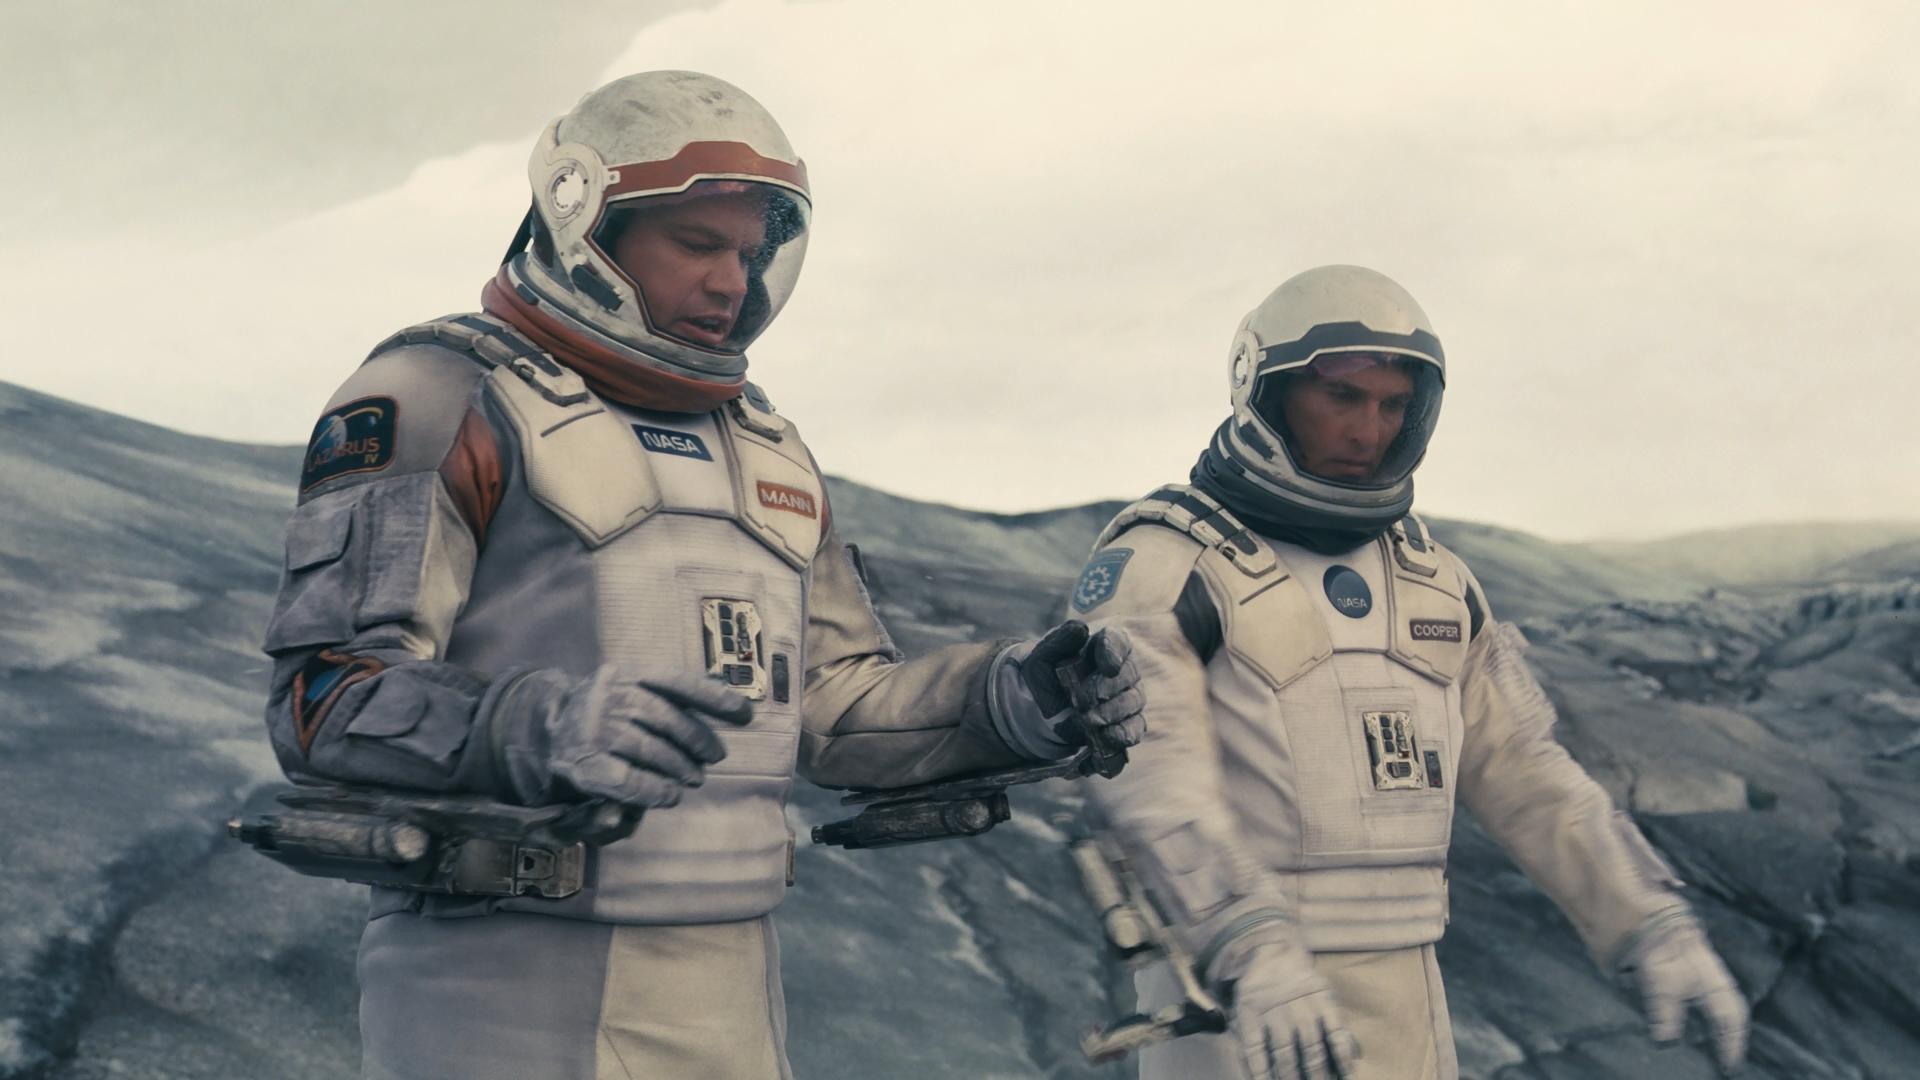 mars space suit 2017 - photo #40